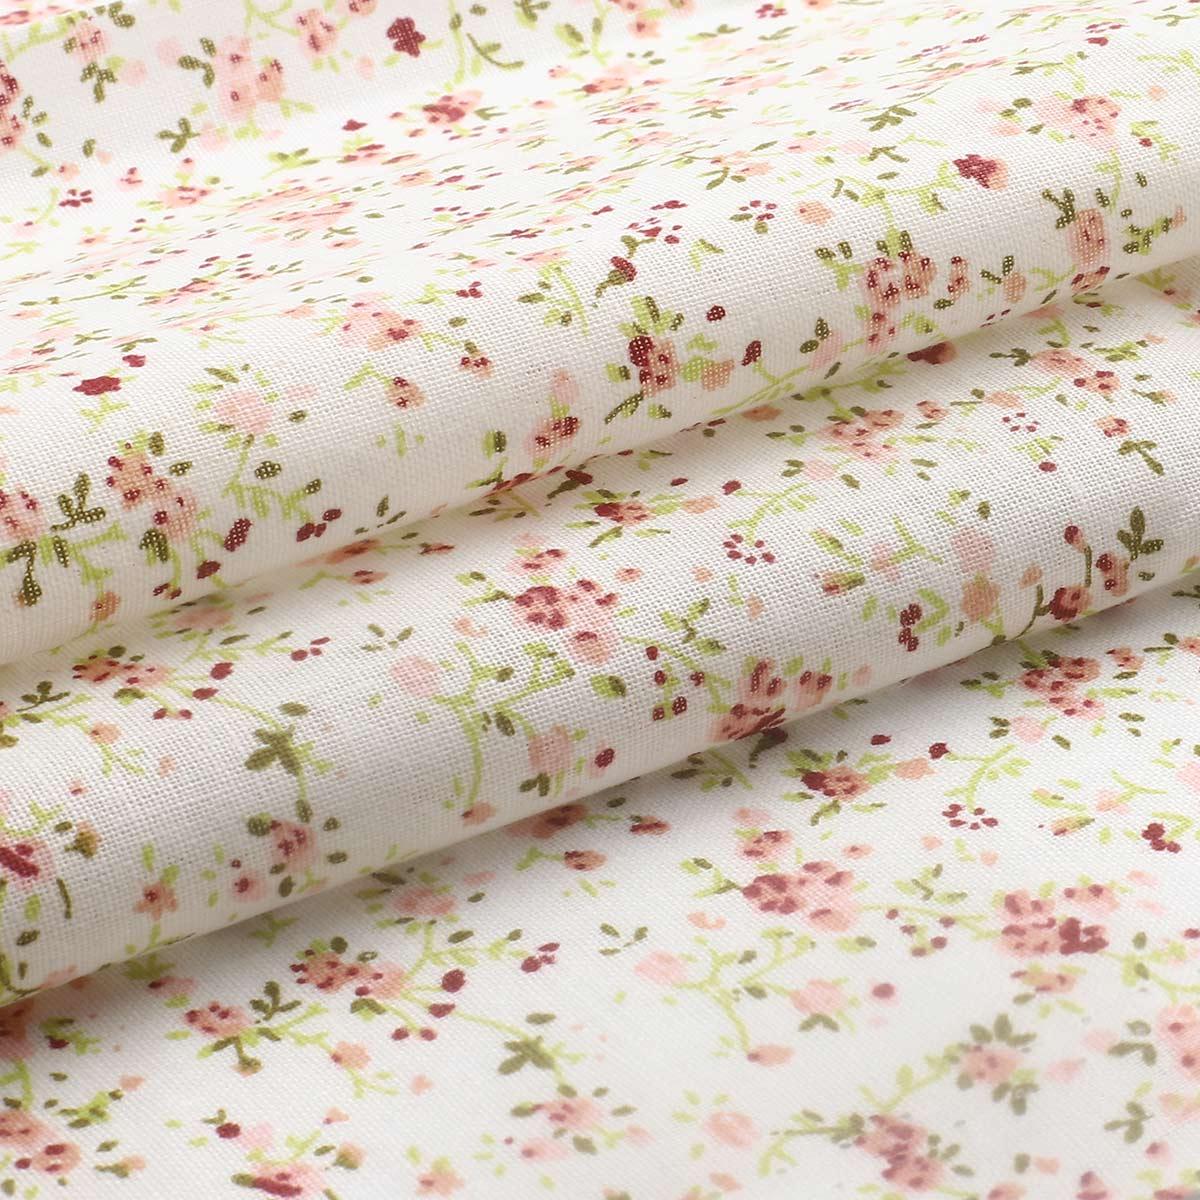 AR1013 Ткань хлопок в маленький цветочек, хлопок 50*50см